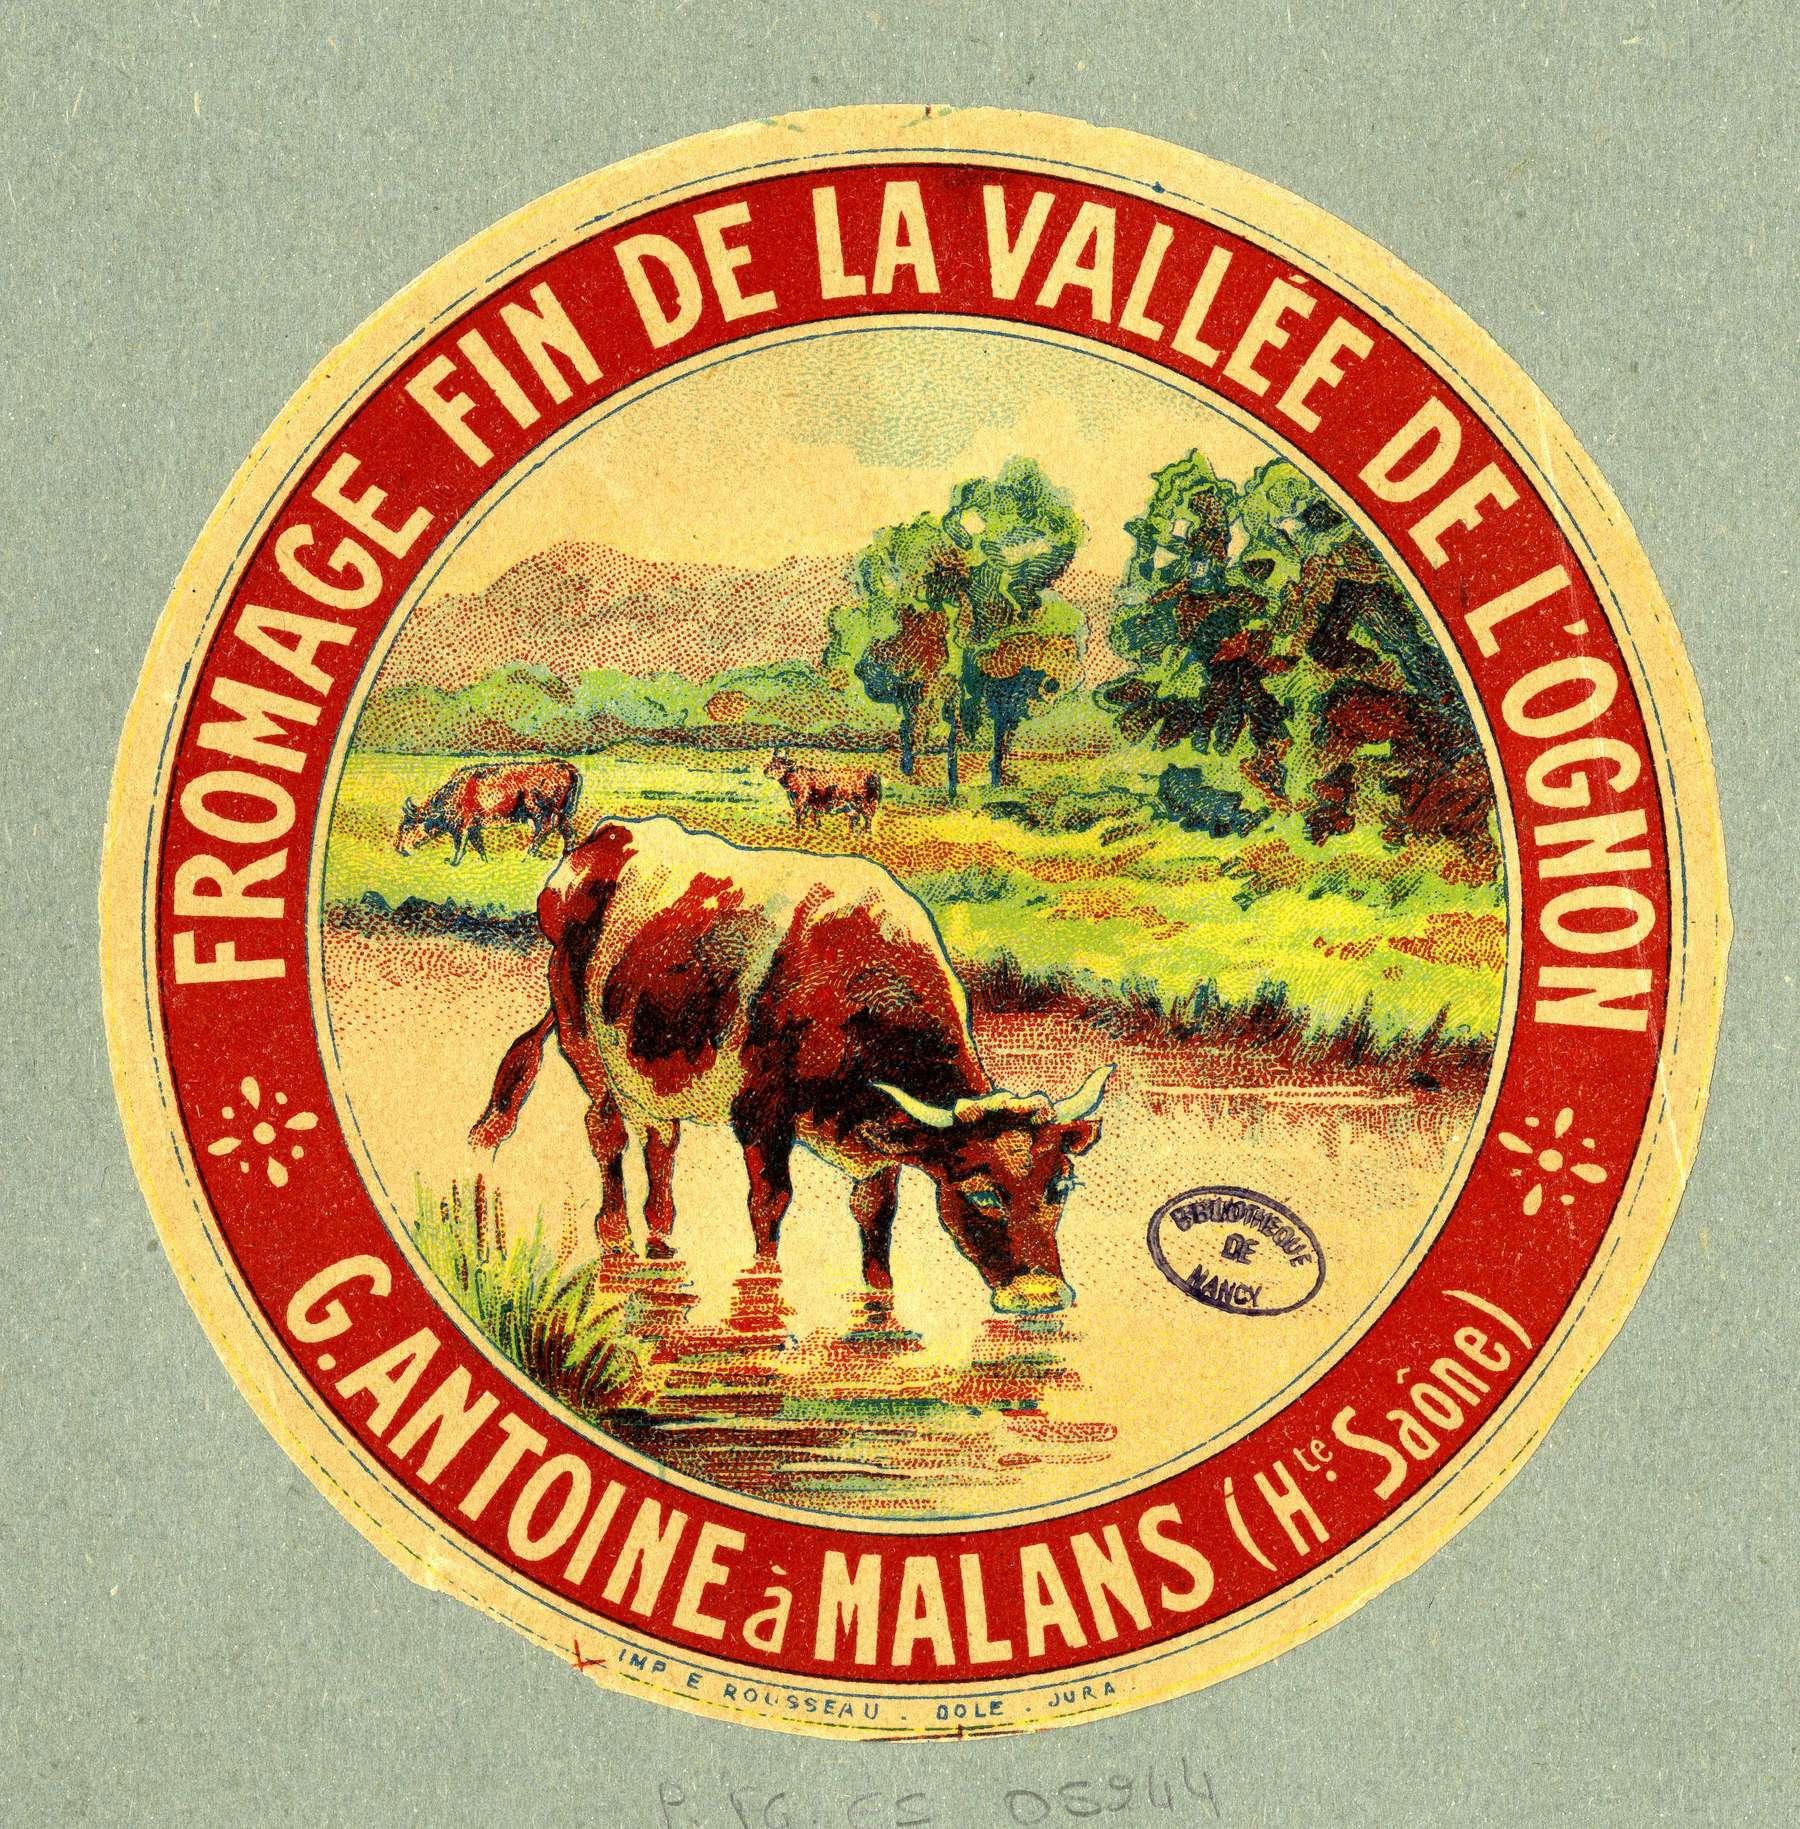 Contenu du Fromage fin de la vallée de l'Ognon